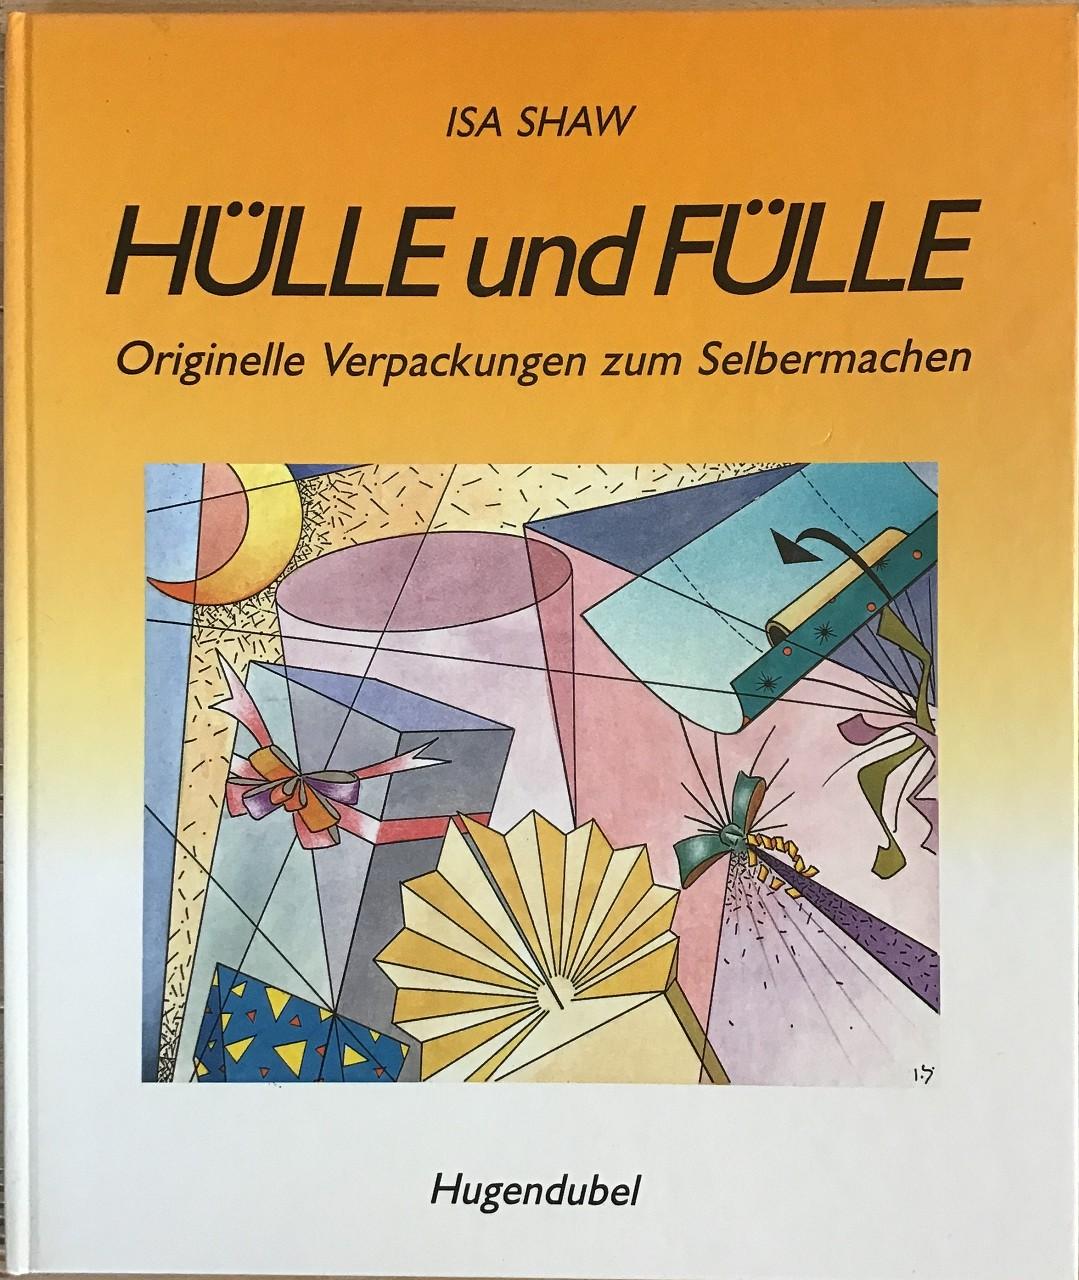 Hülle und Fülle : Originelle Verpackungen zum Selbermachen.